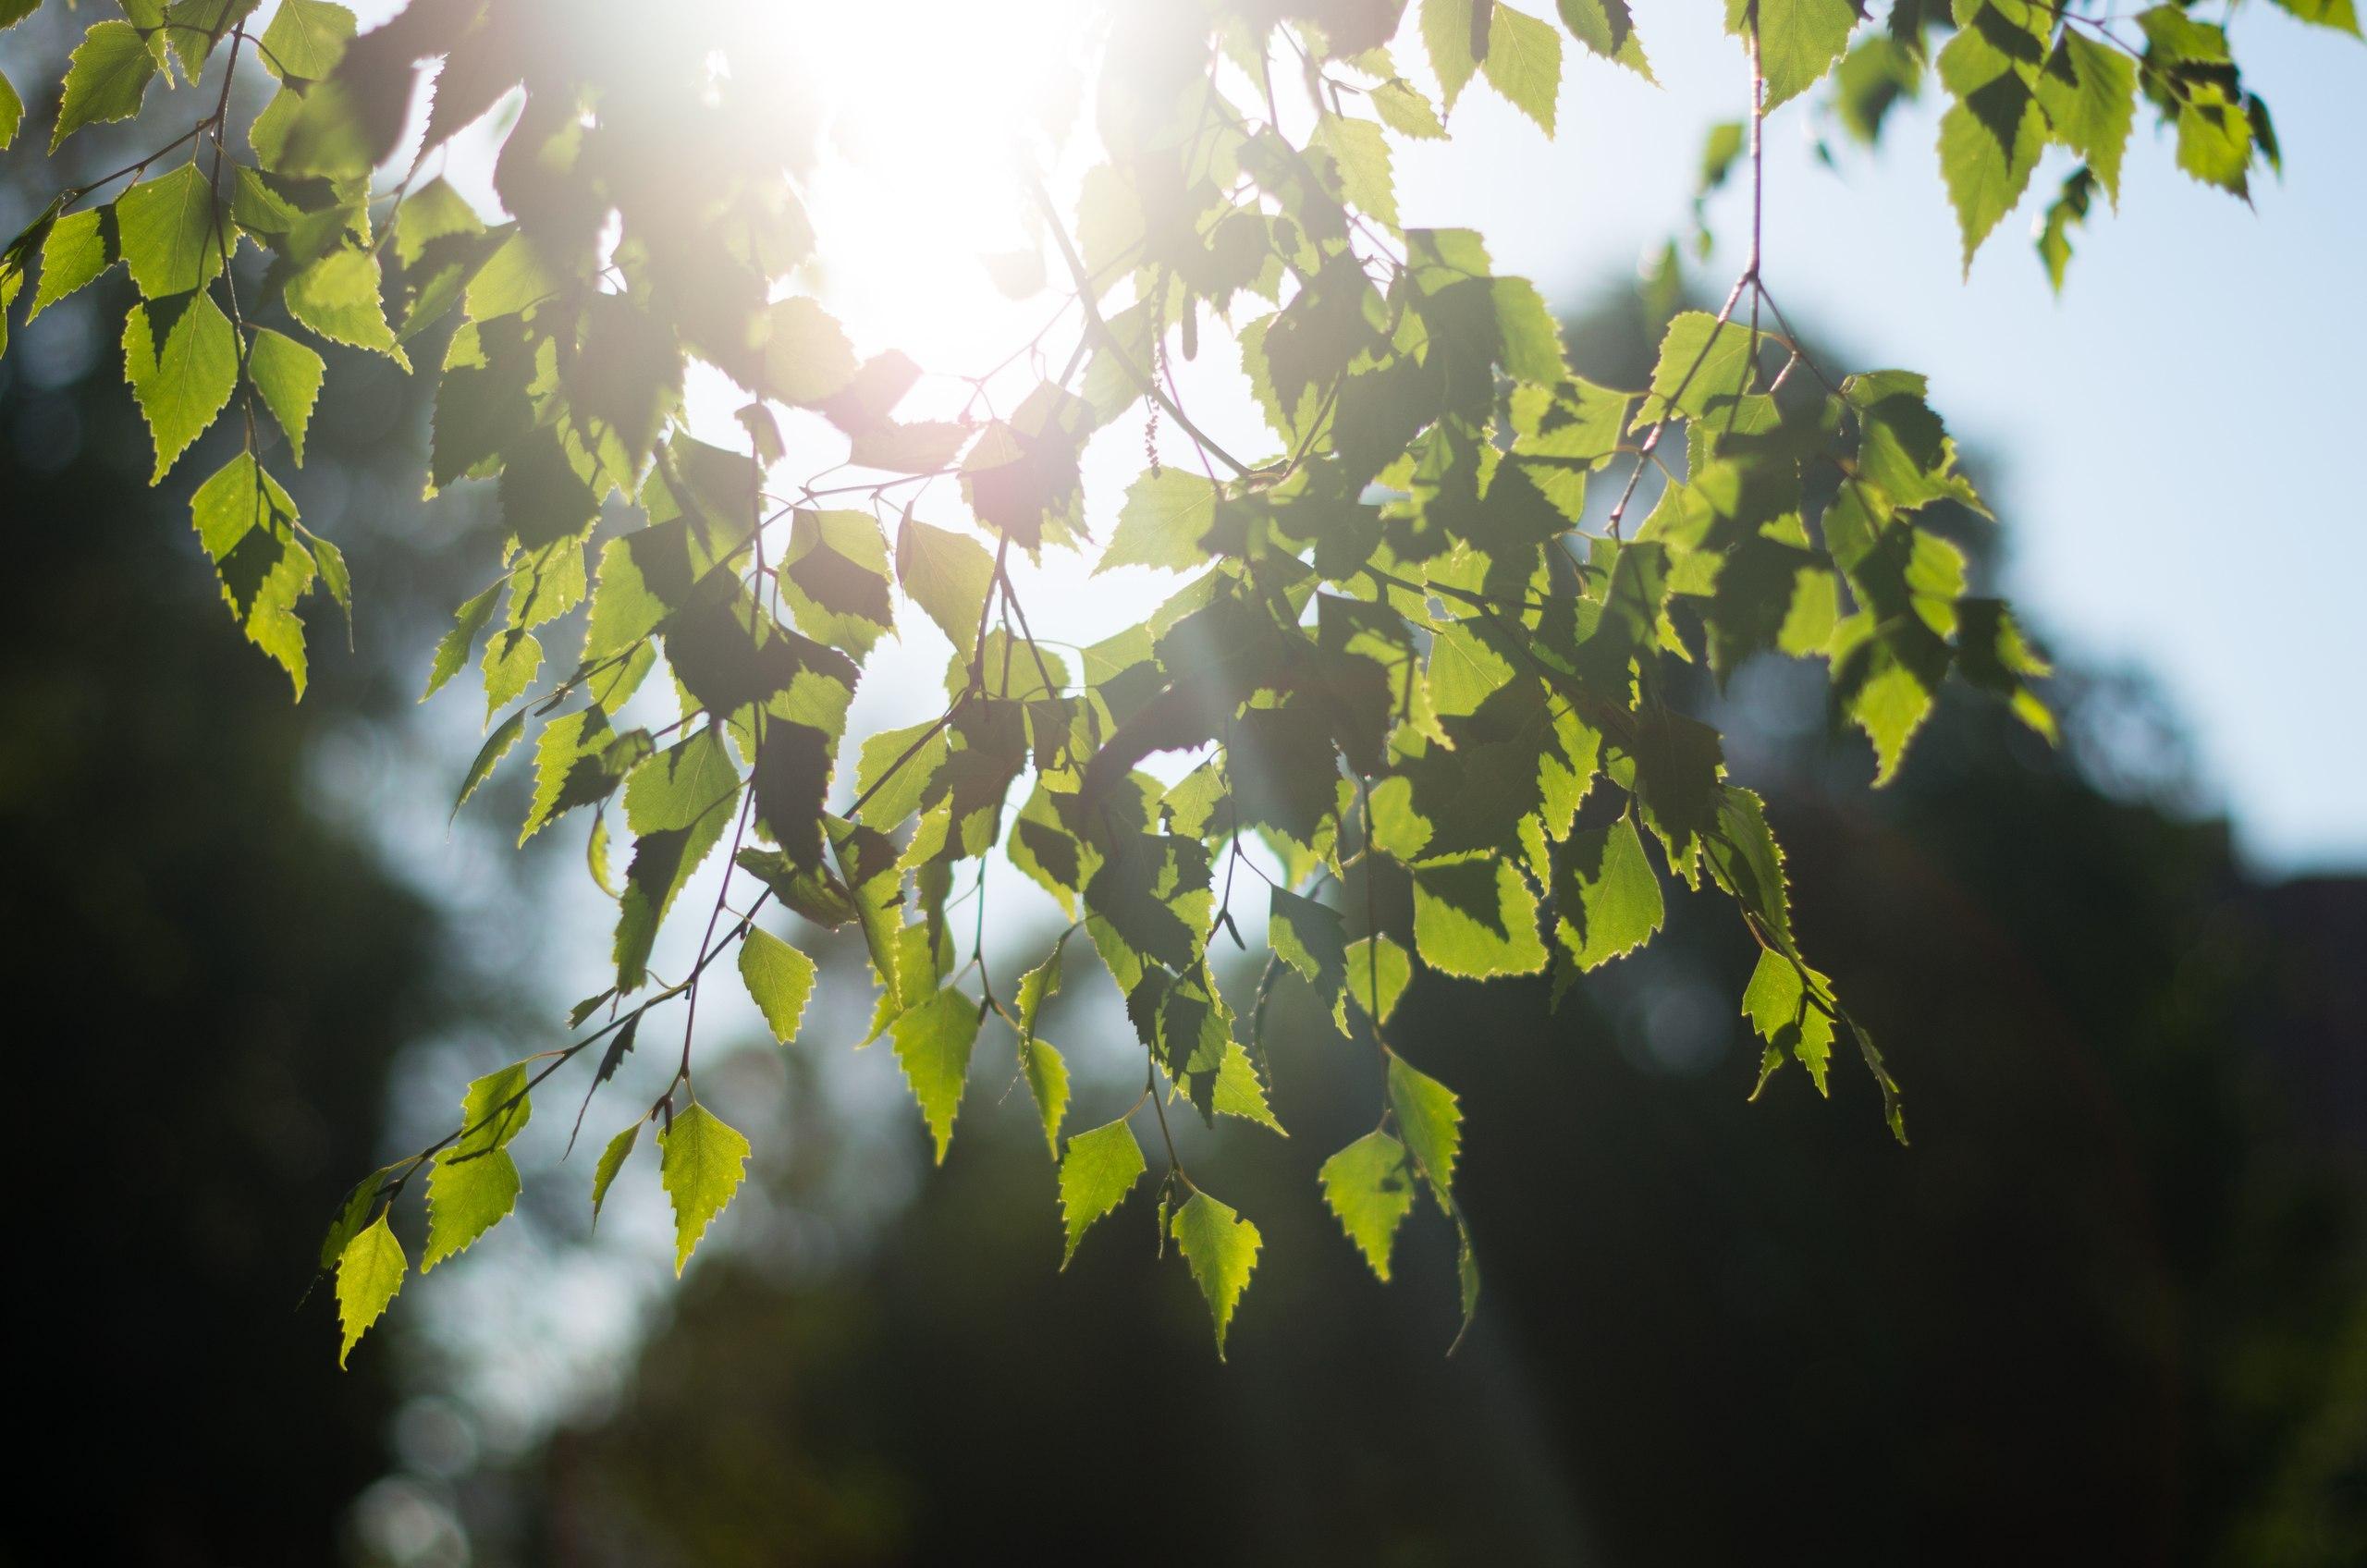 Фото луч солнца сквозь листву